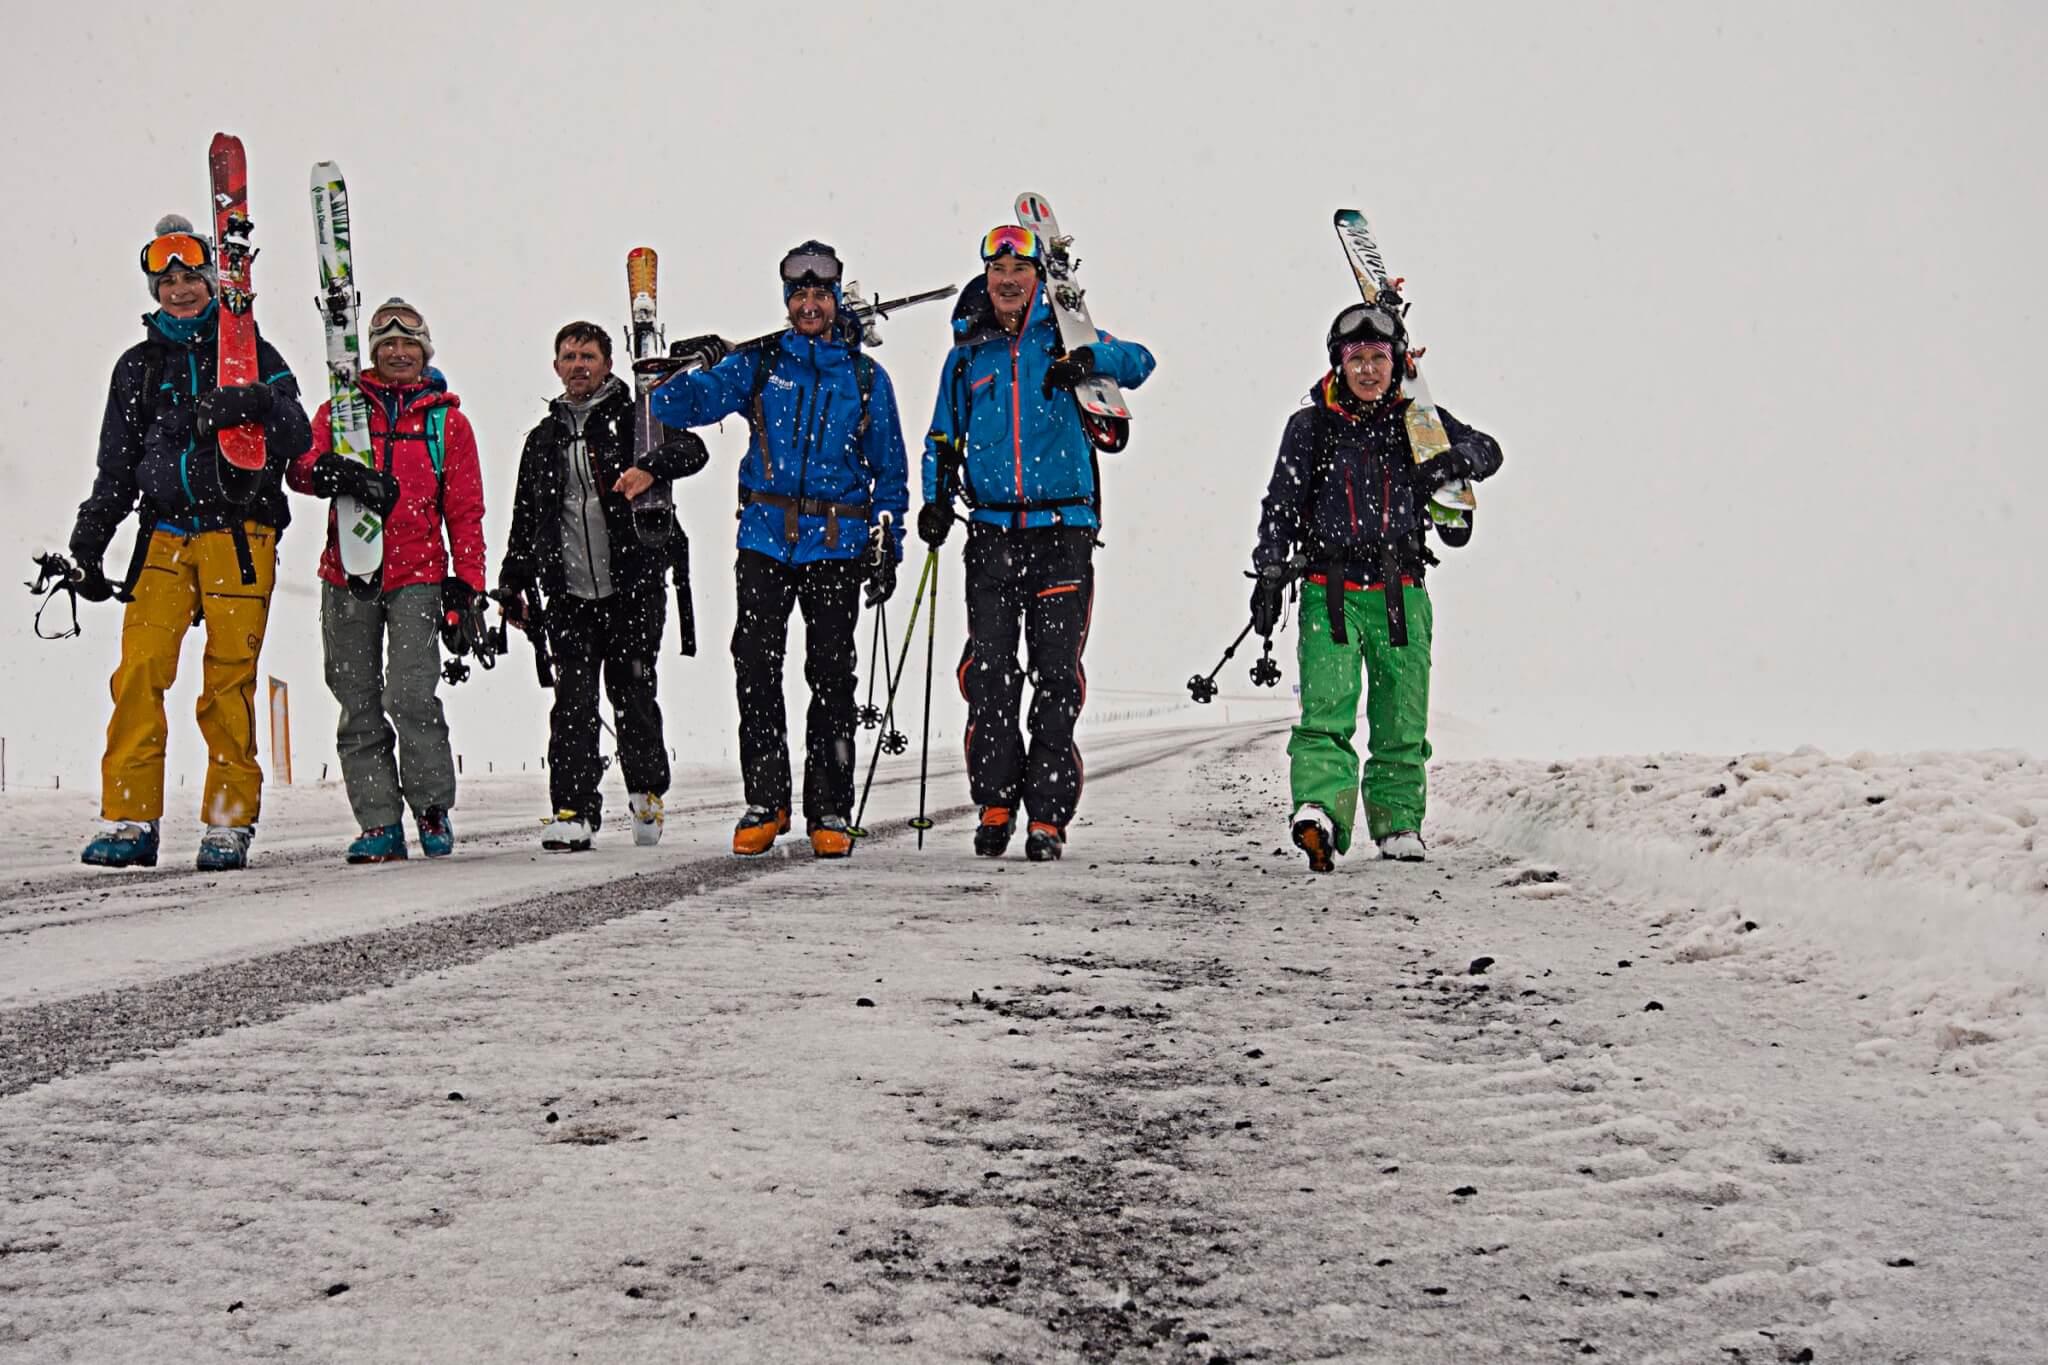 Skitour Roadtrip